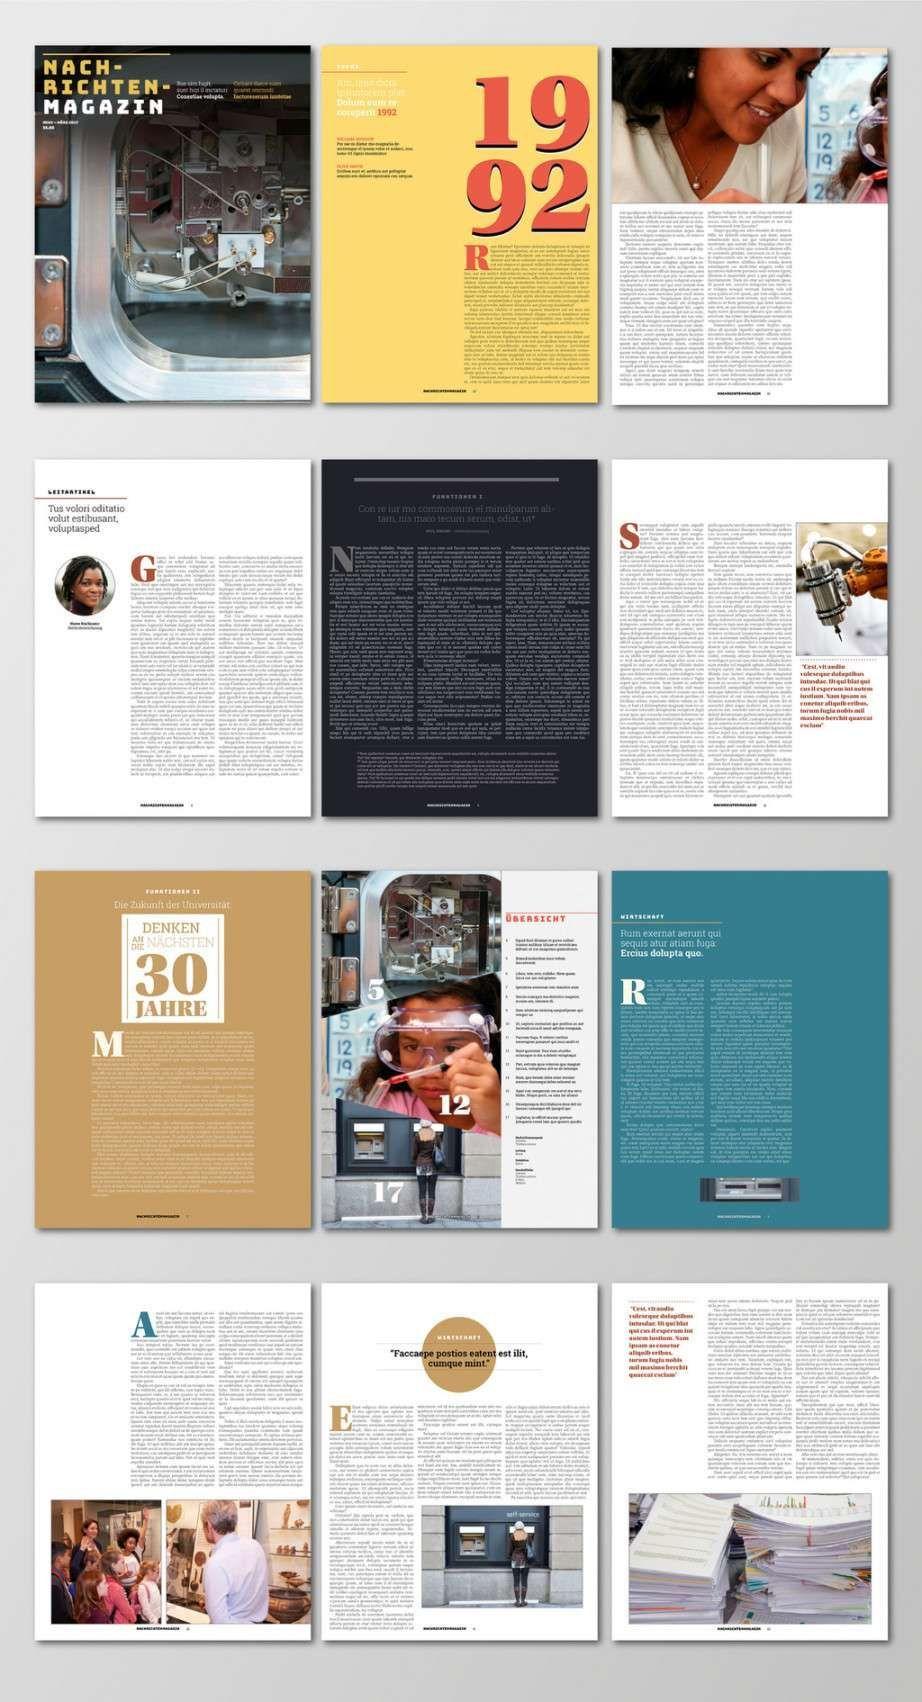 Bescheidener Adobe Indesign Vorlagen Adobe Bescheidener Indesign Vorlagen In 2020 Digital Magazine Layout Magazine Layout Free Indesign Magazine Templates